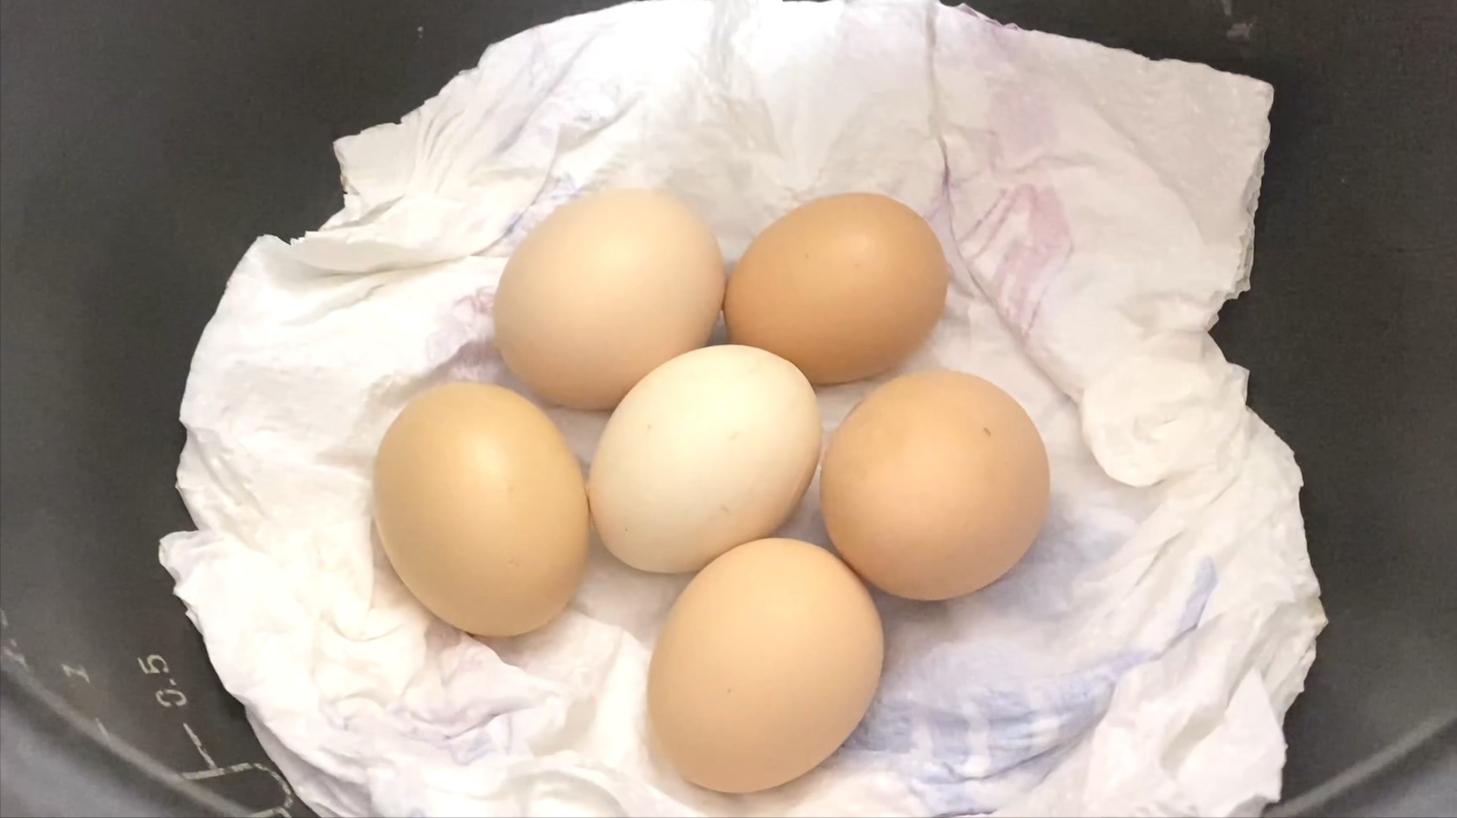 鸡蛋别再用水煮了,保姆教你新方法,只需1分钟,鸡蛋鲜嫩不粘壳